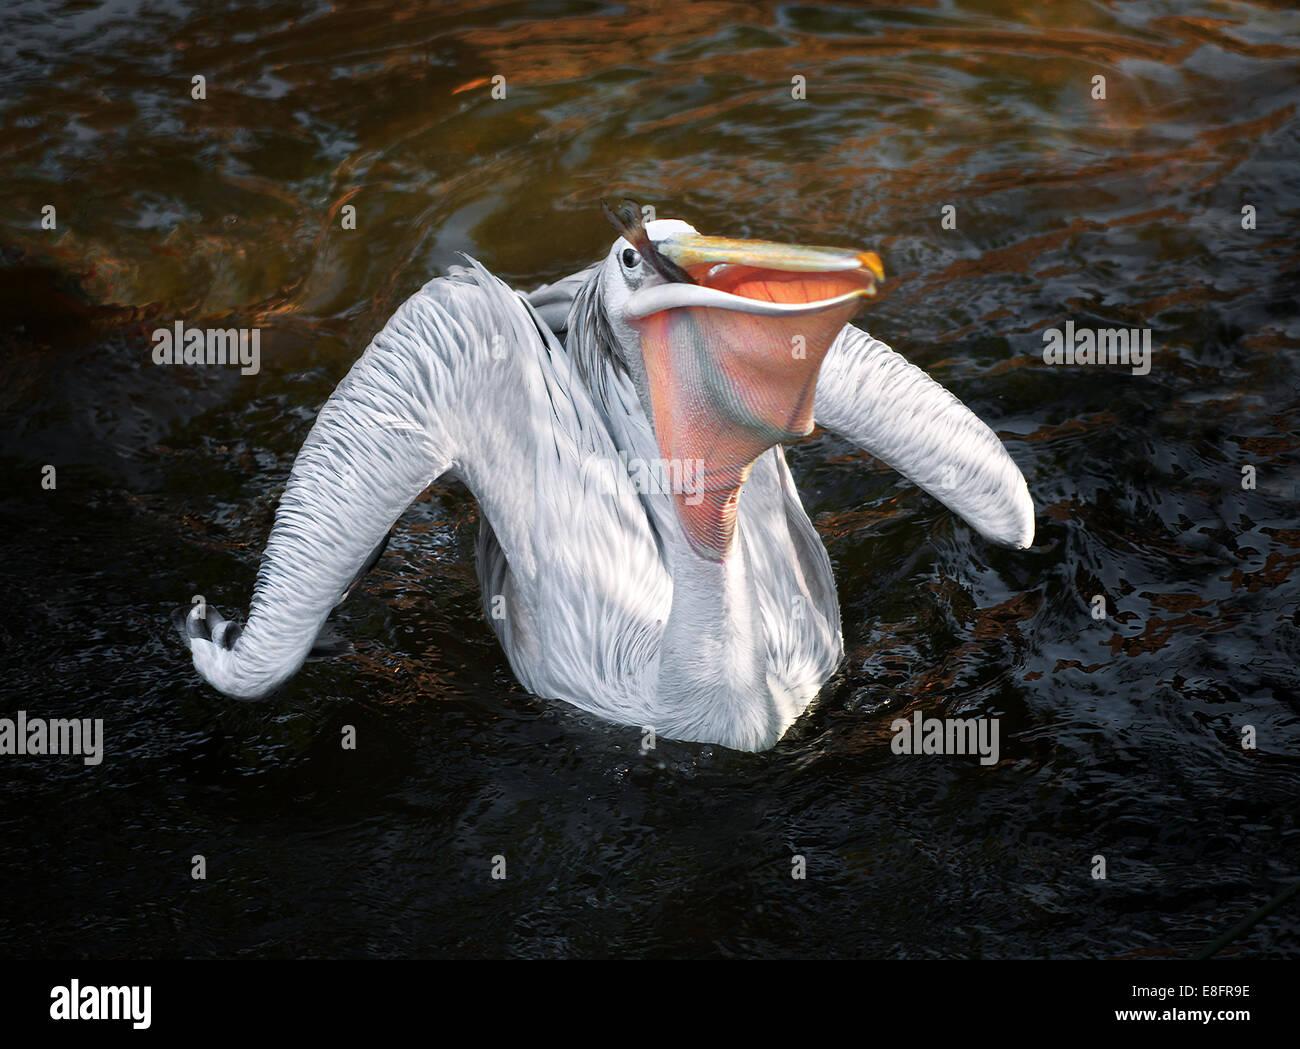 Pellicano (Pelecanus onocrotalus) sull'acqua con pesce nel becco Immagini Stock